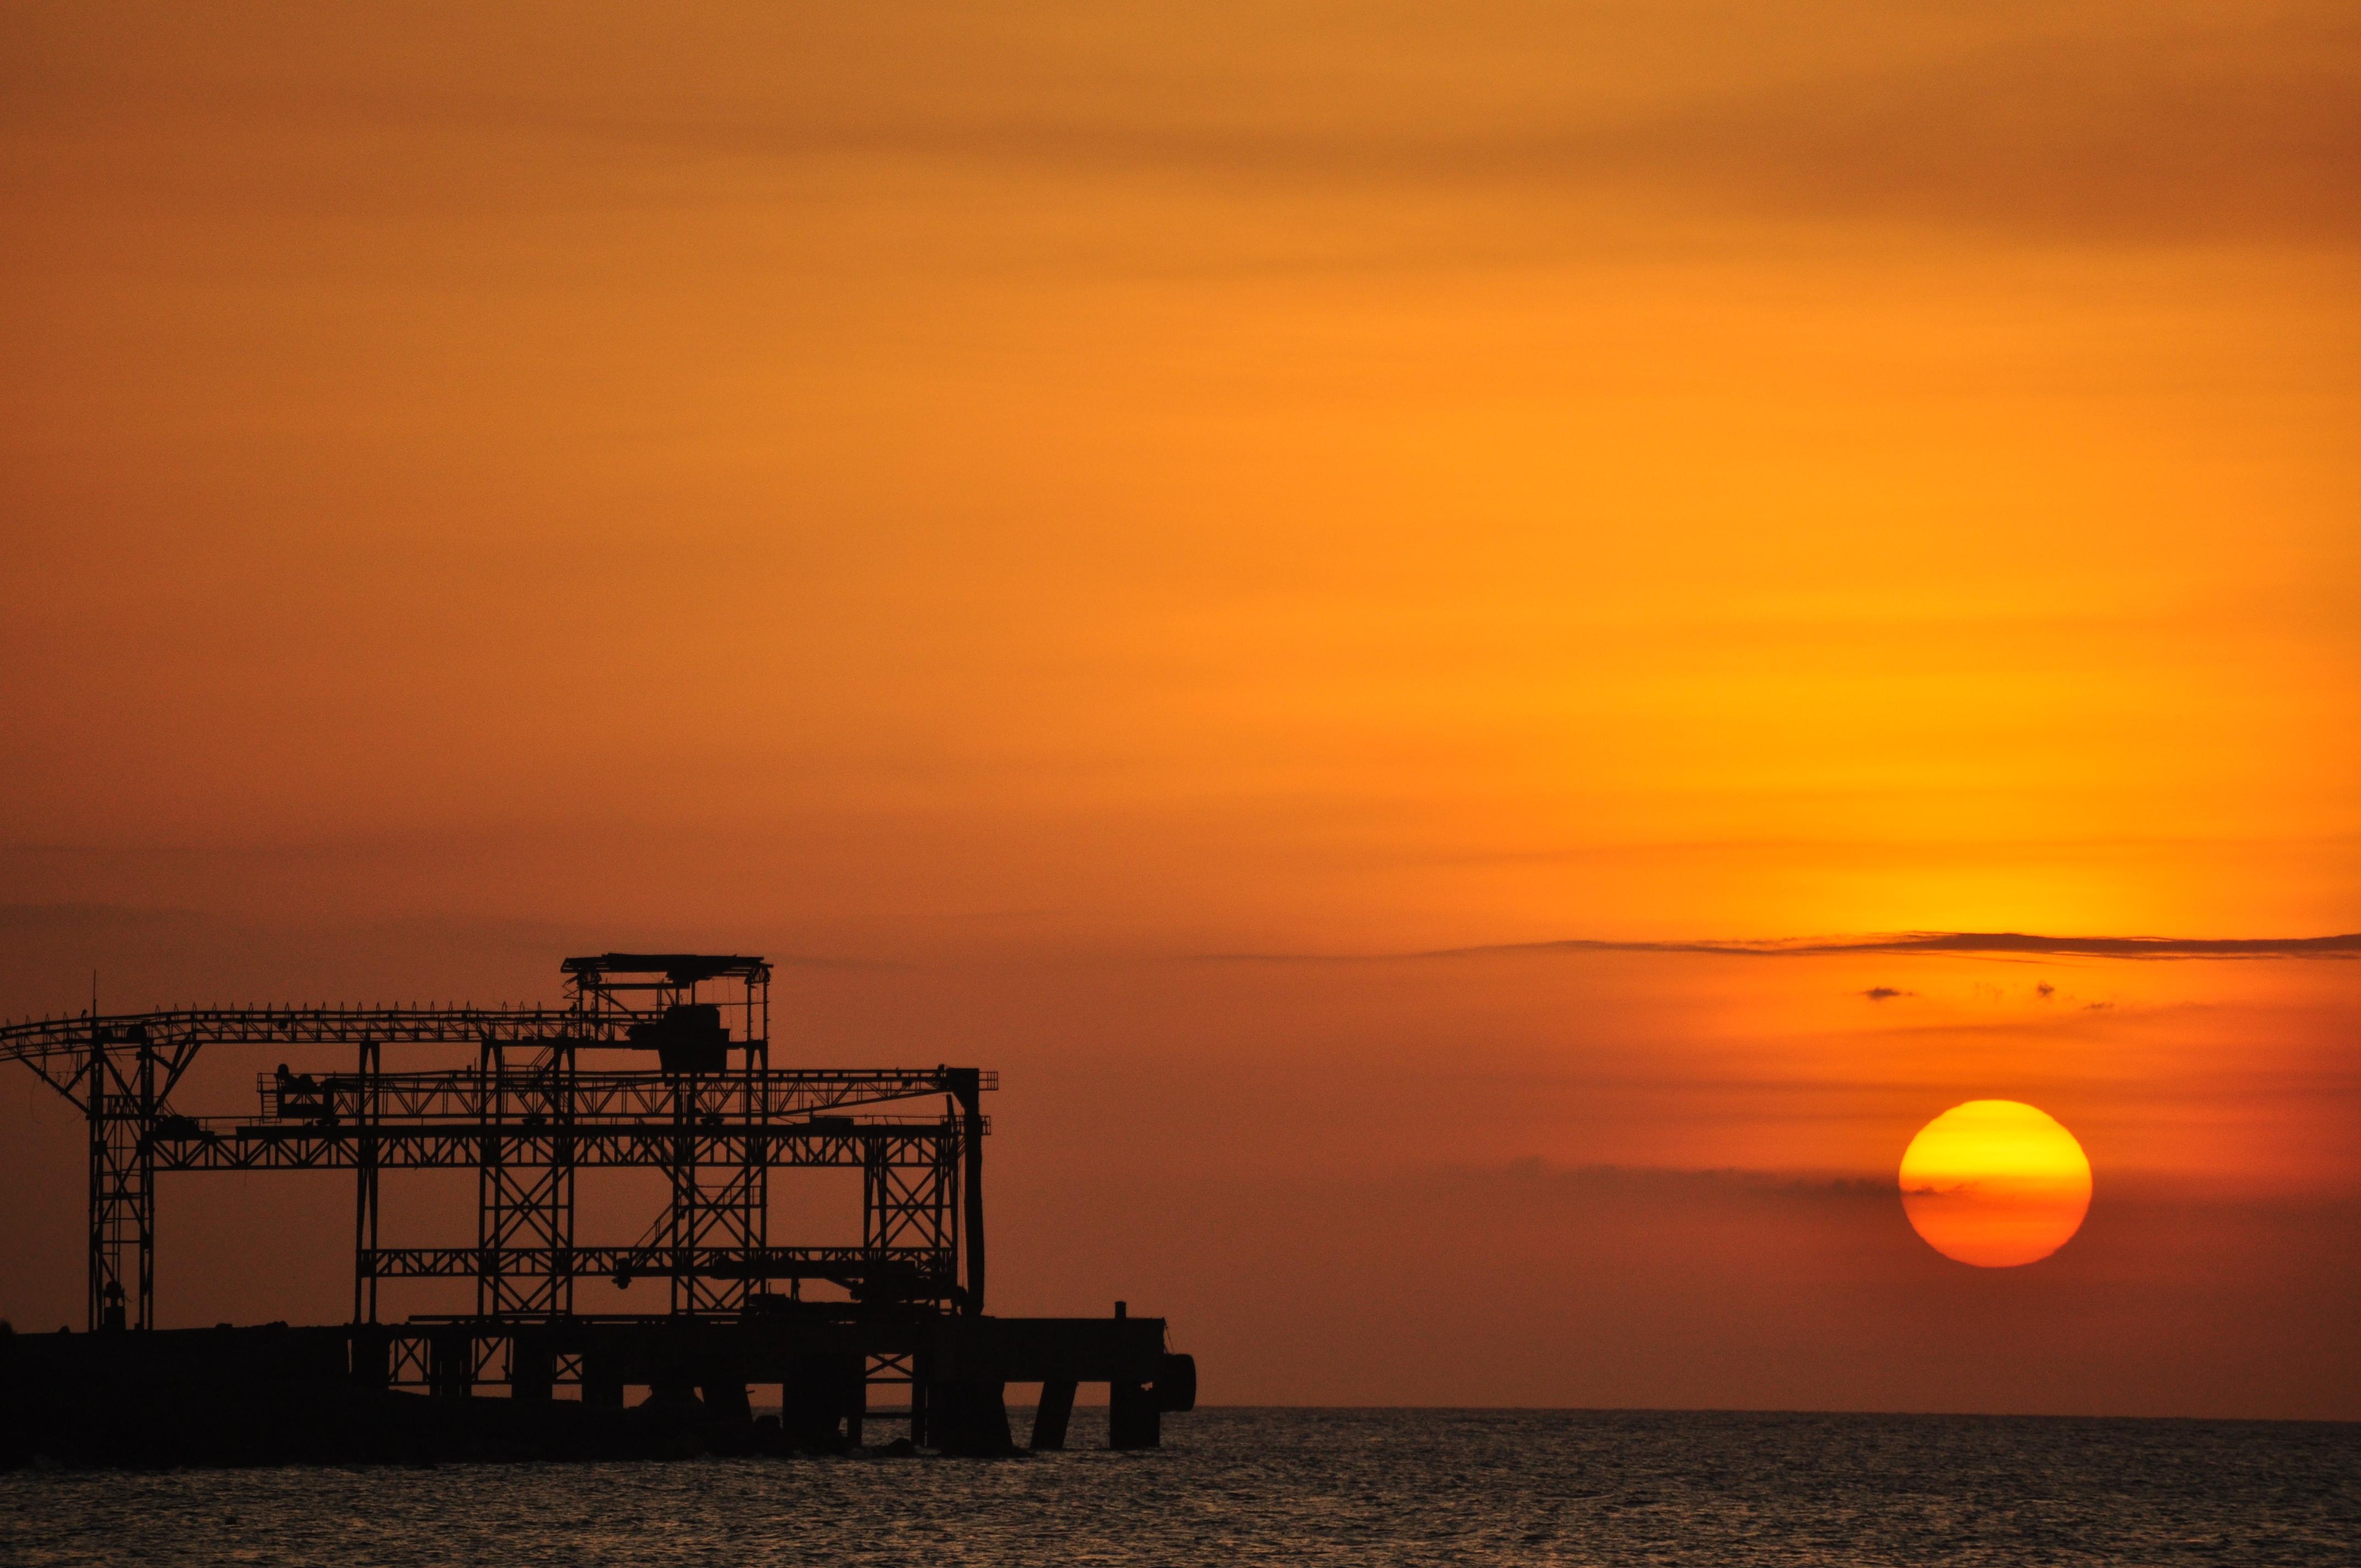 Sunset in bulata photo